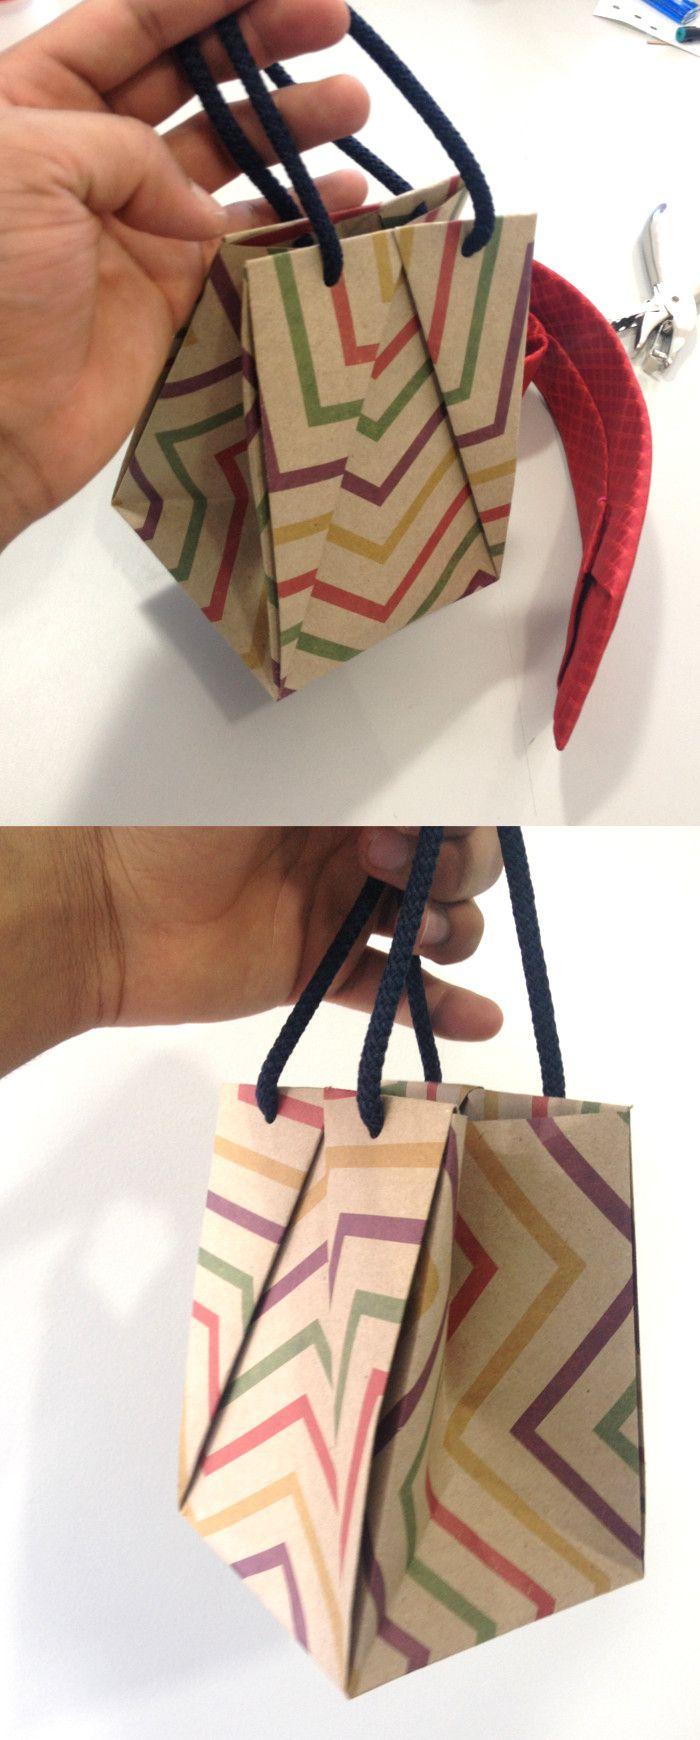 Con este tutorial no tendrás que comprar bolsas de regalo así que no tendrás que salir al supermercado a empacar tu regalo. En poco tiempo terminarás de hacer esta bolsa, ya que es súper fácil y divertida.